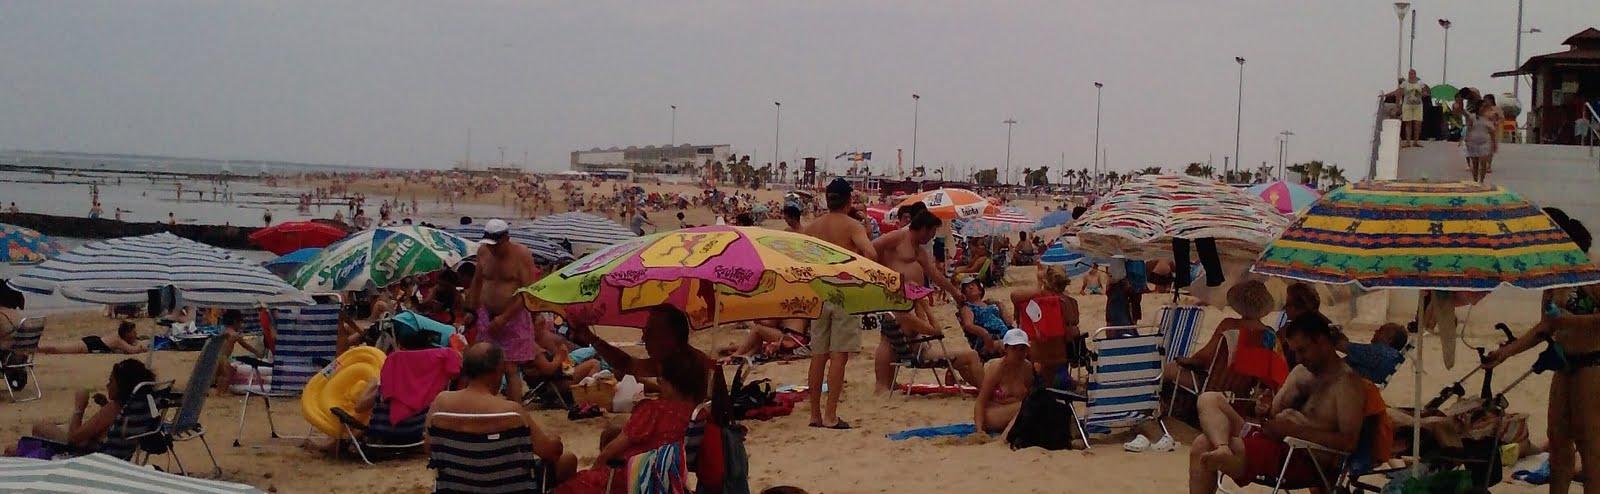 Capit nl o una sombrilla en la playa - Bolsa nevera ikea ...